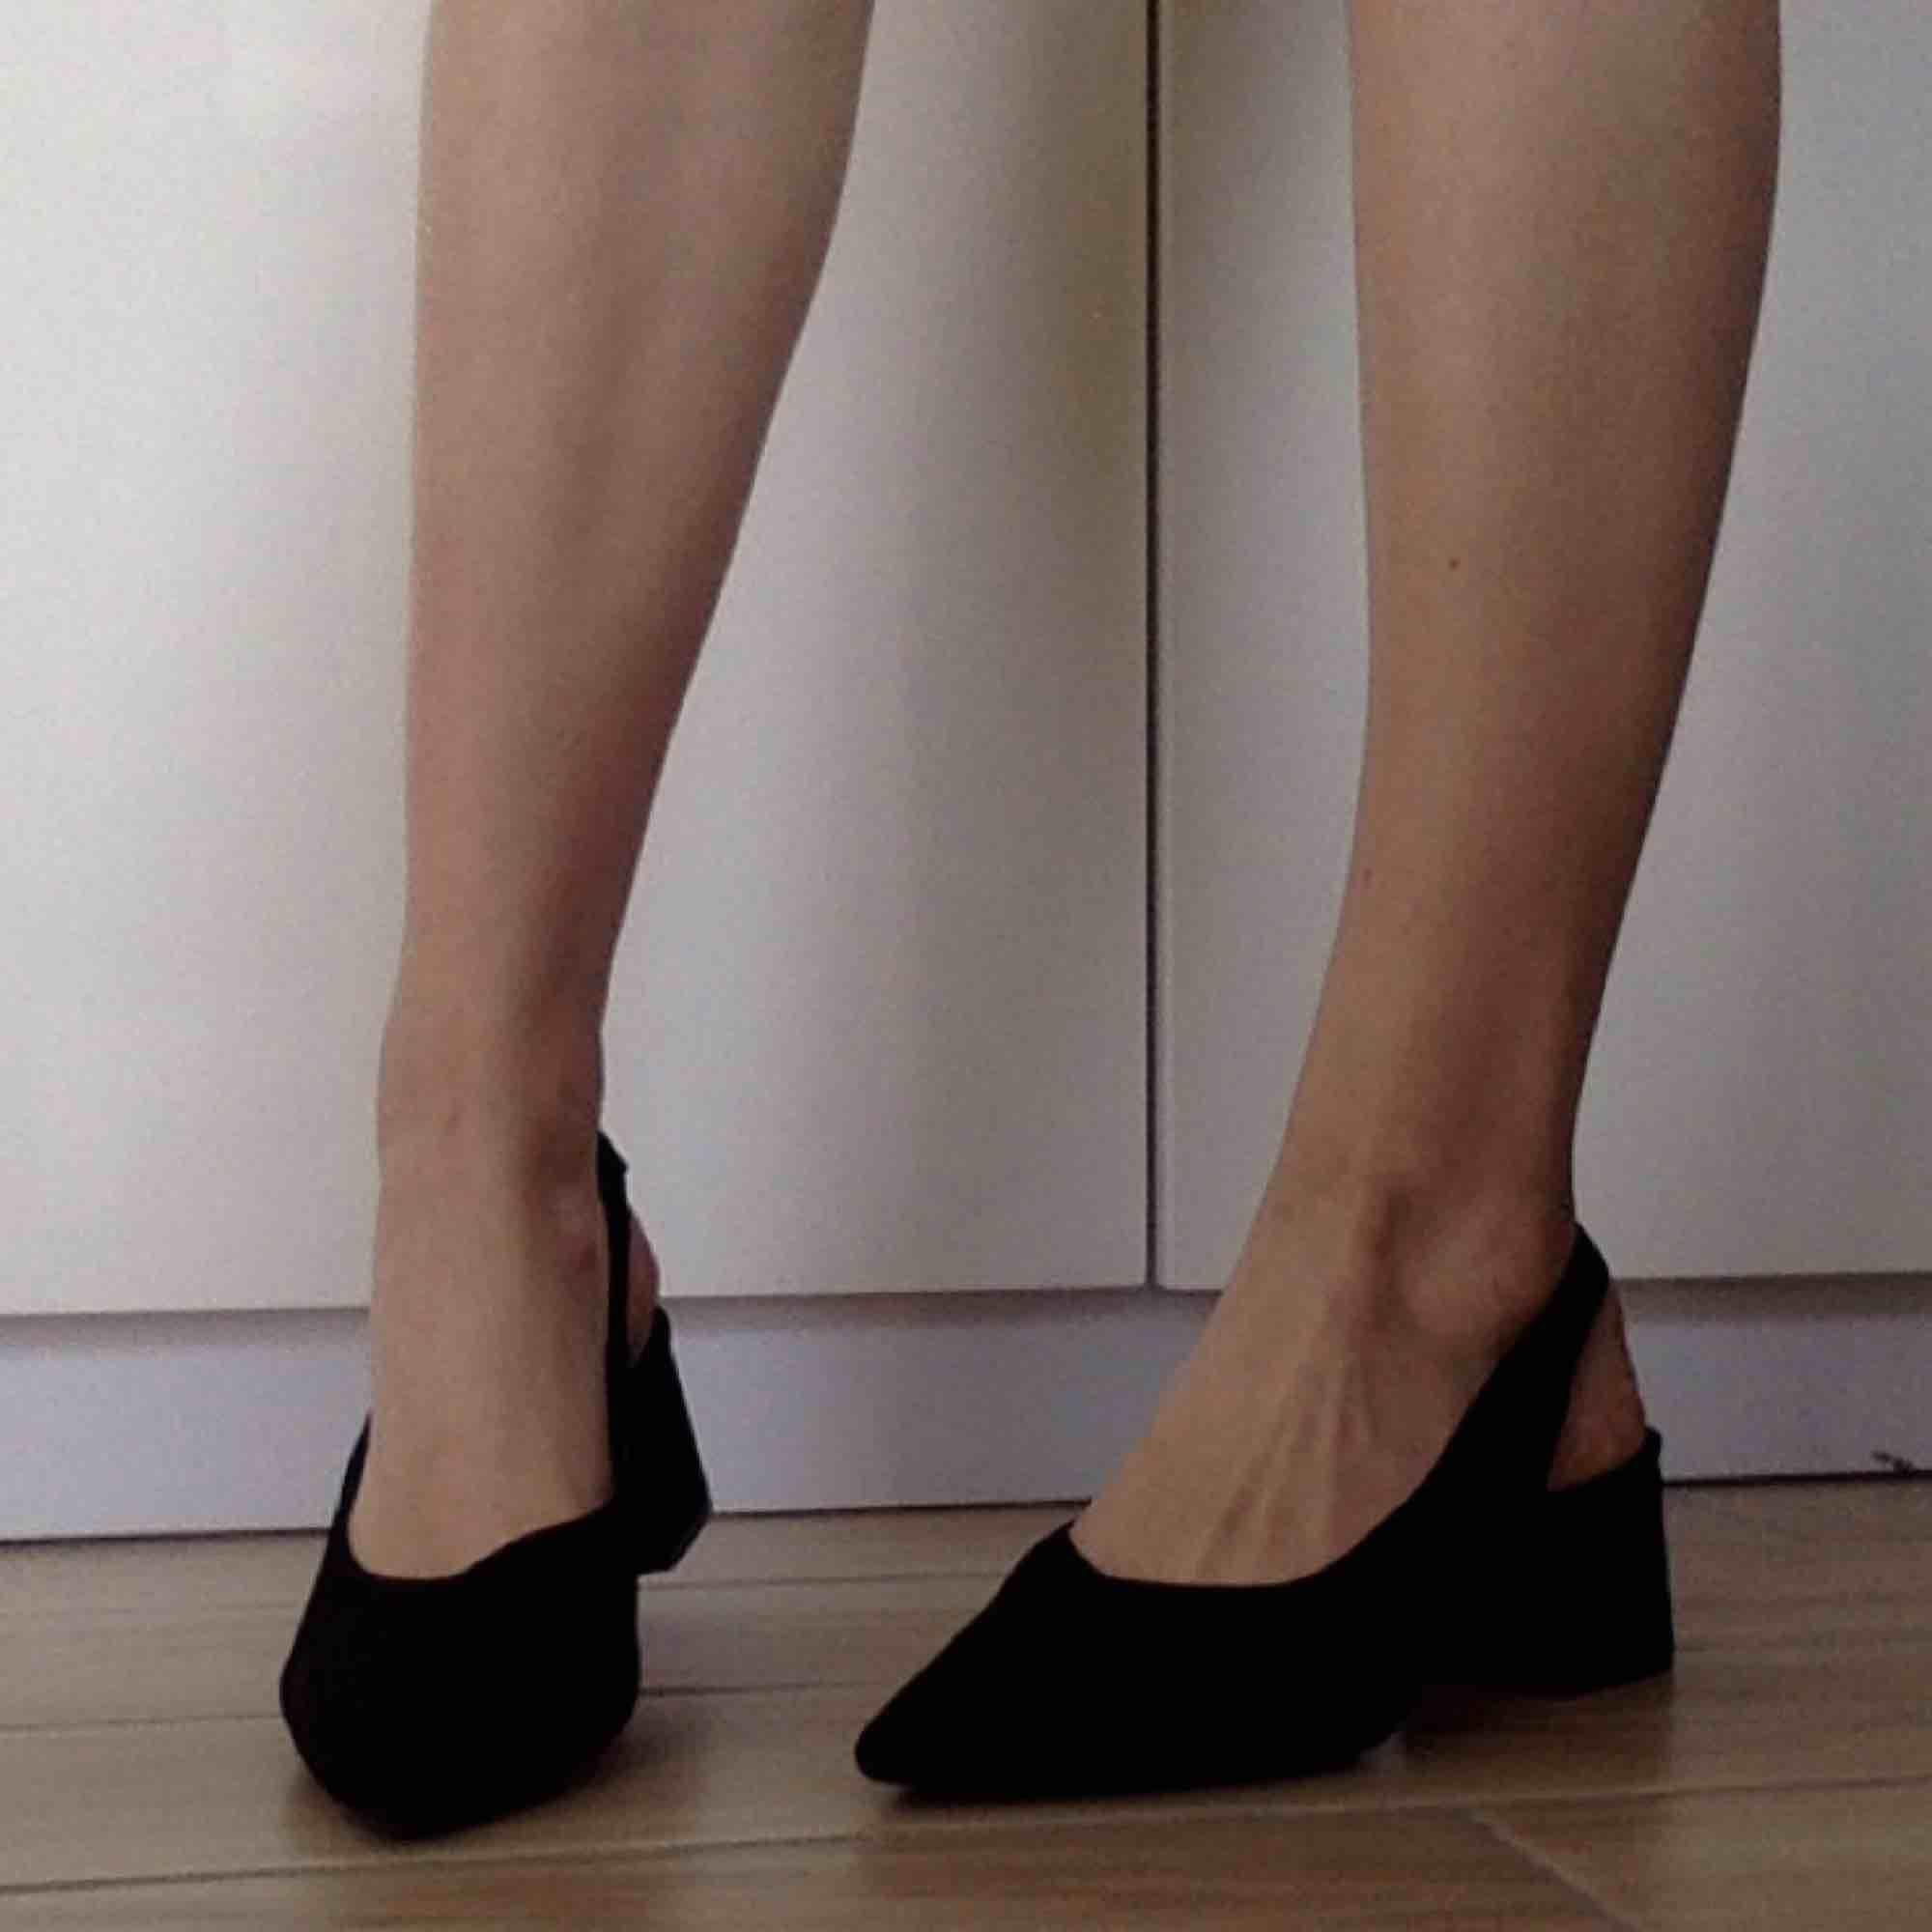 Svarta slingbacks i mocka! Underbara skor till fest och semester! ☺️ Har swish! Alla skor rengörs självklart. Säljes pga för små, använda 1 gång. Nypris 500kr. Skor.